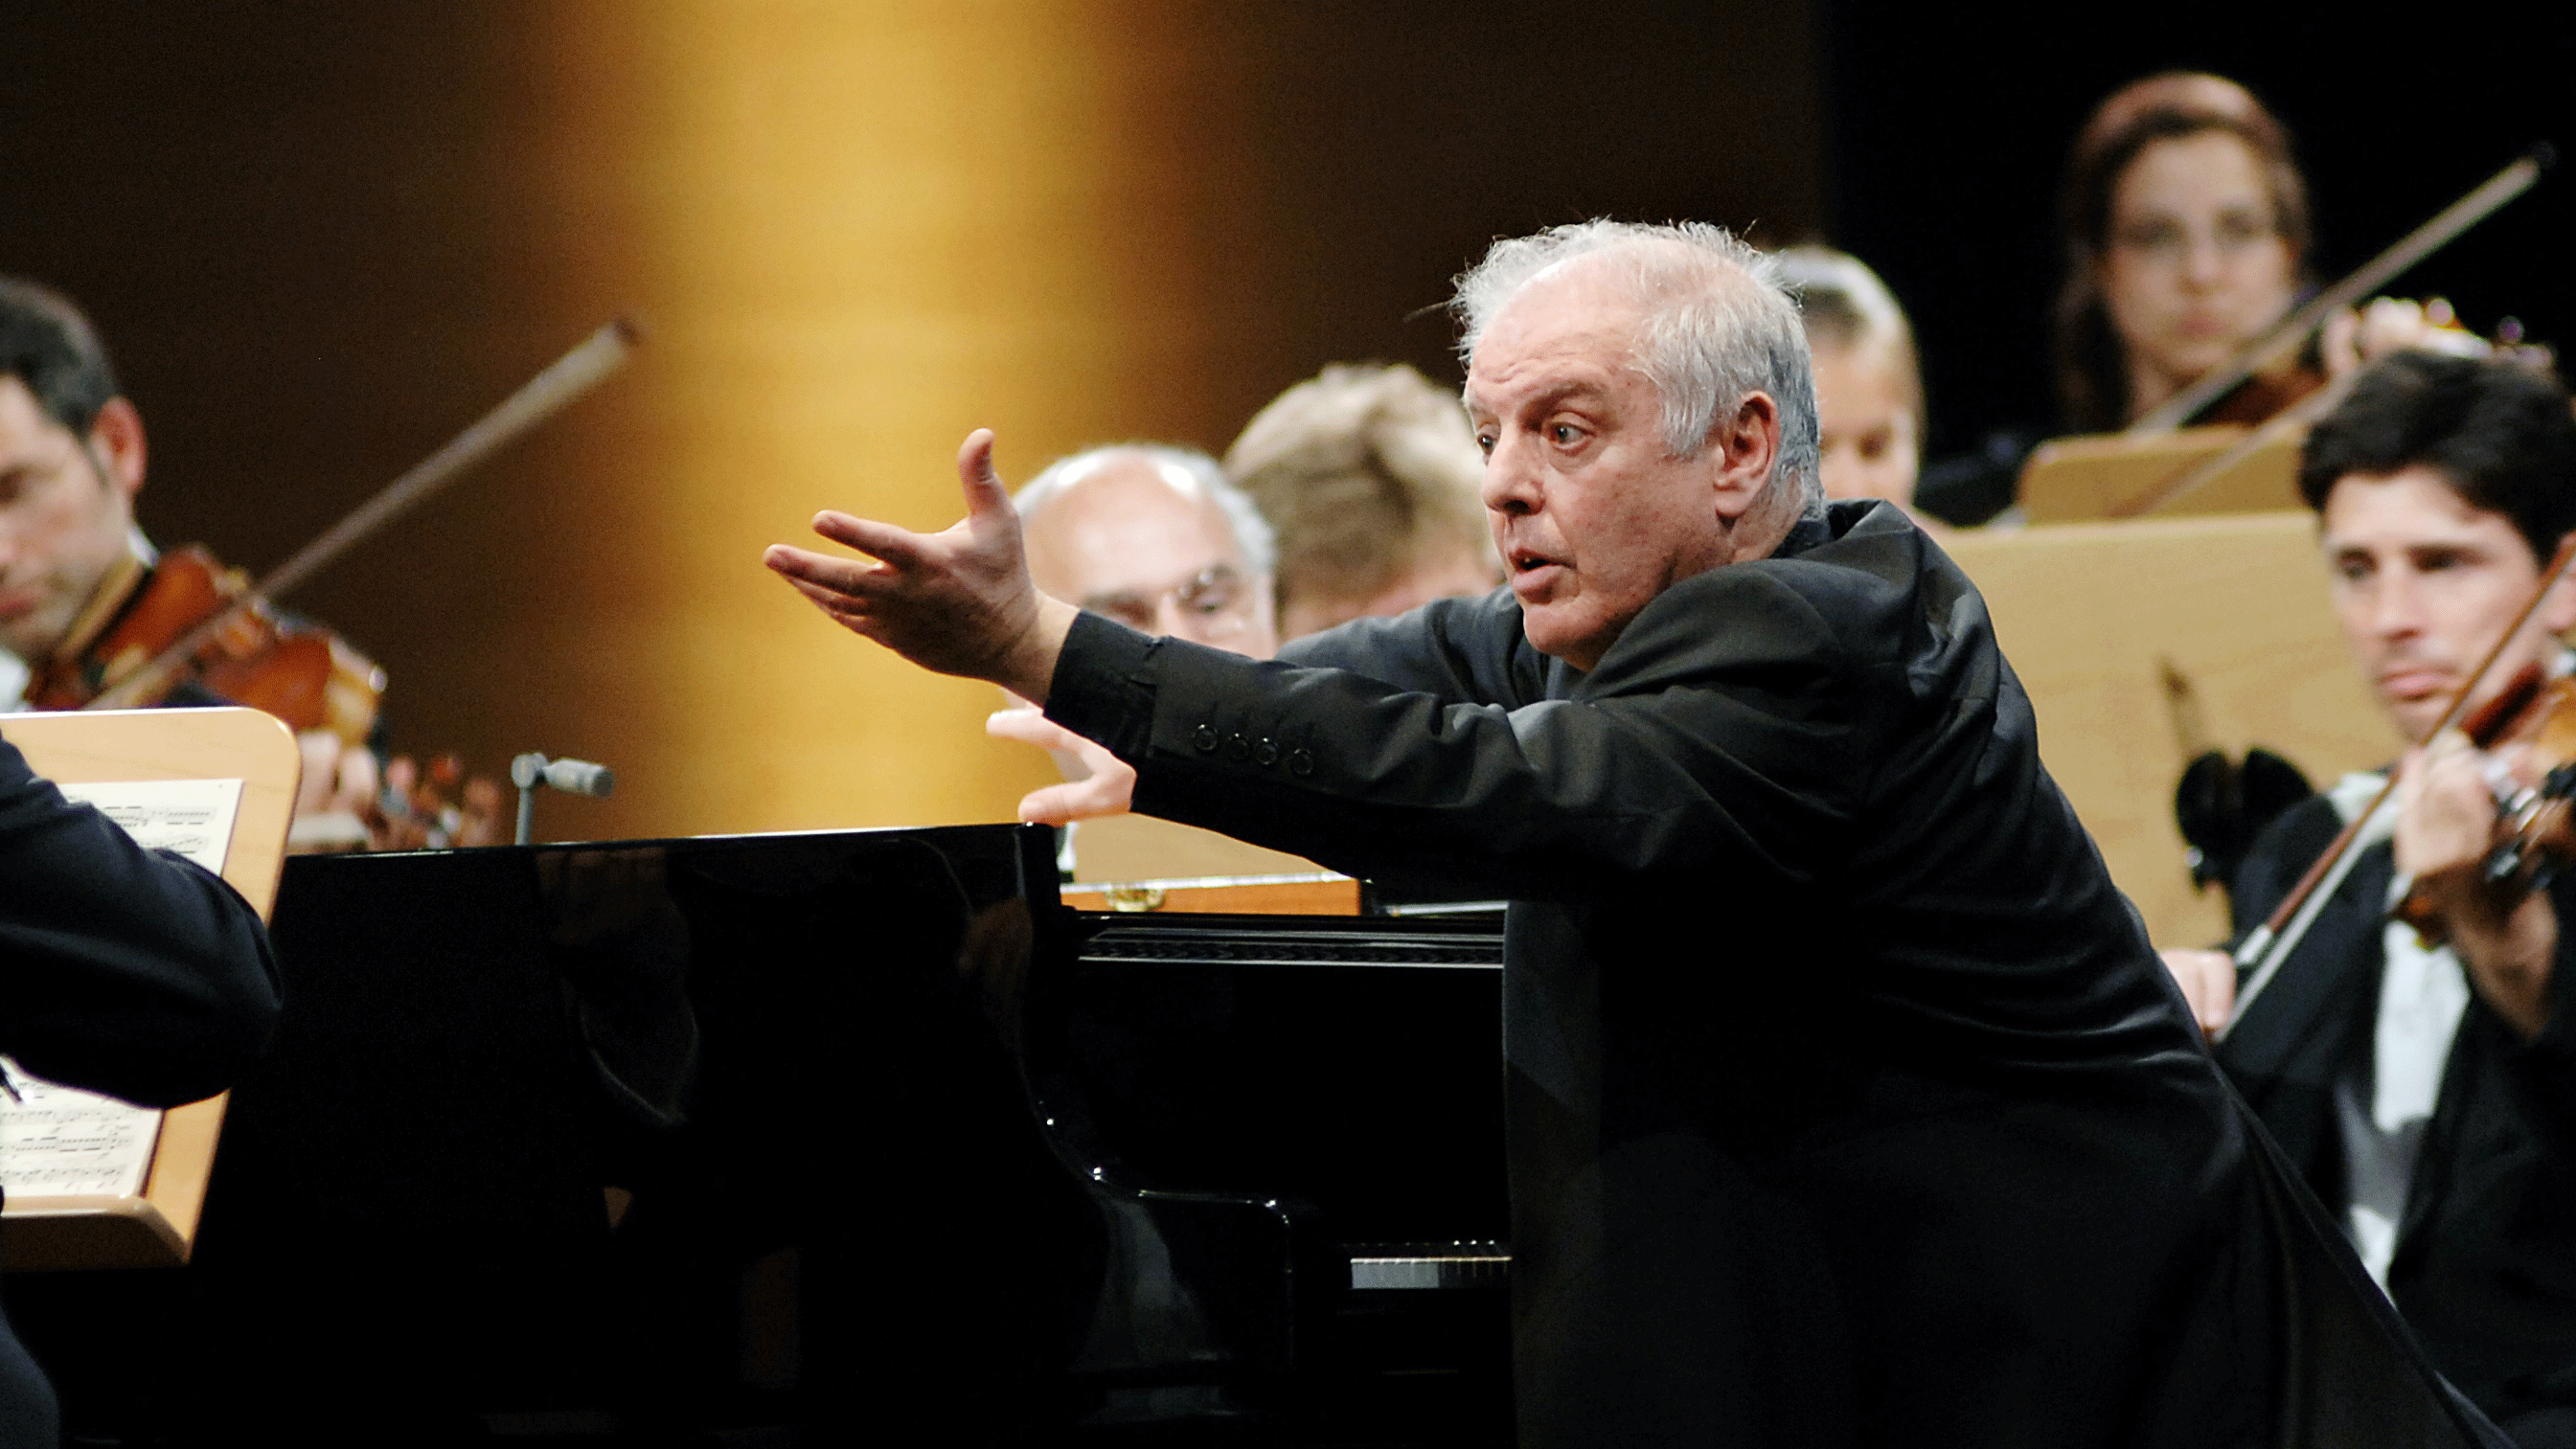 Daniel Barenboim joue et dirige le Concerto pour piano n°2 de Beethoven